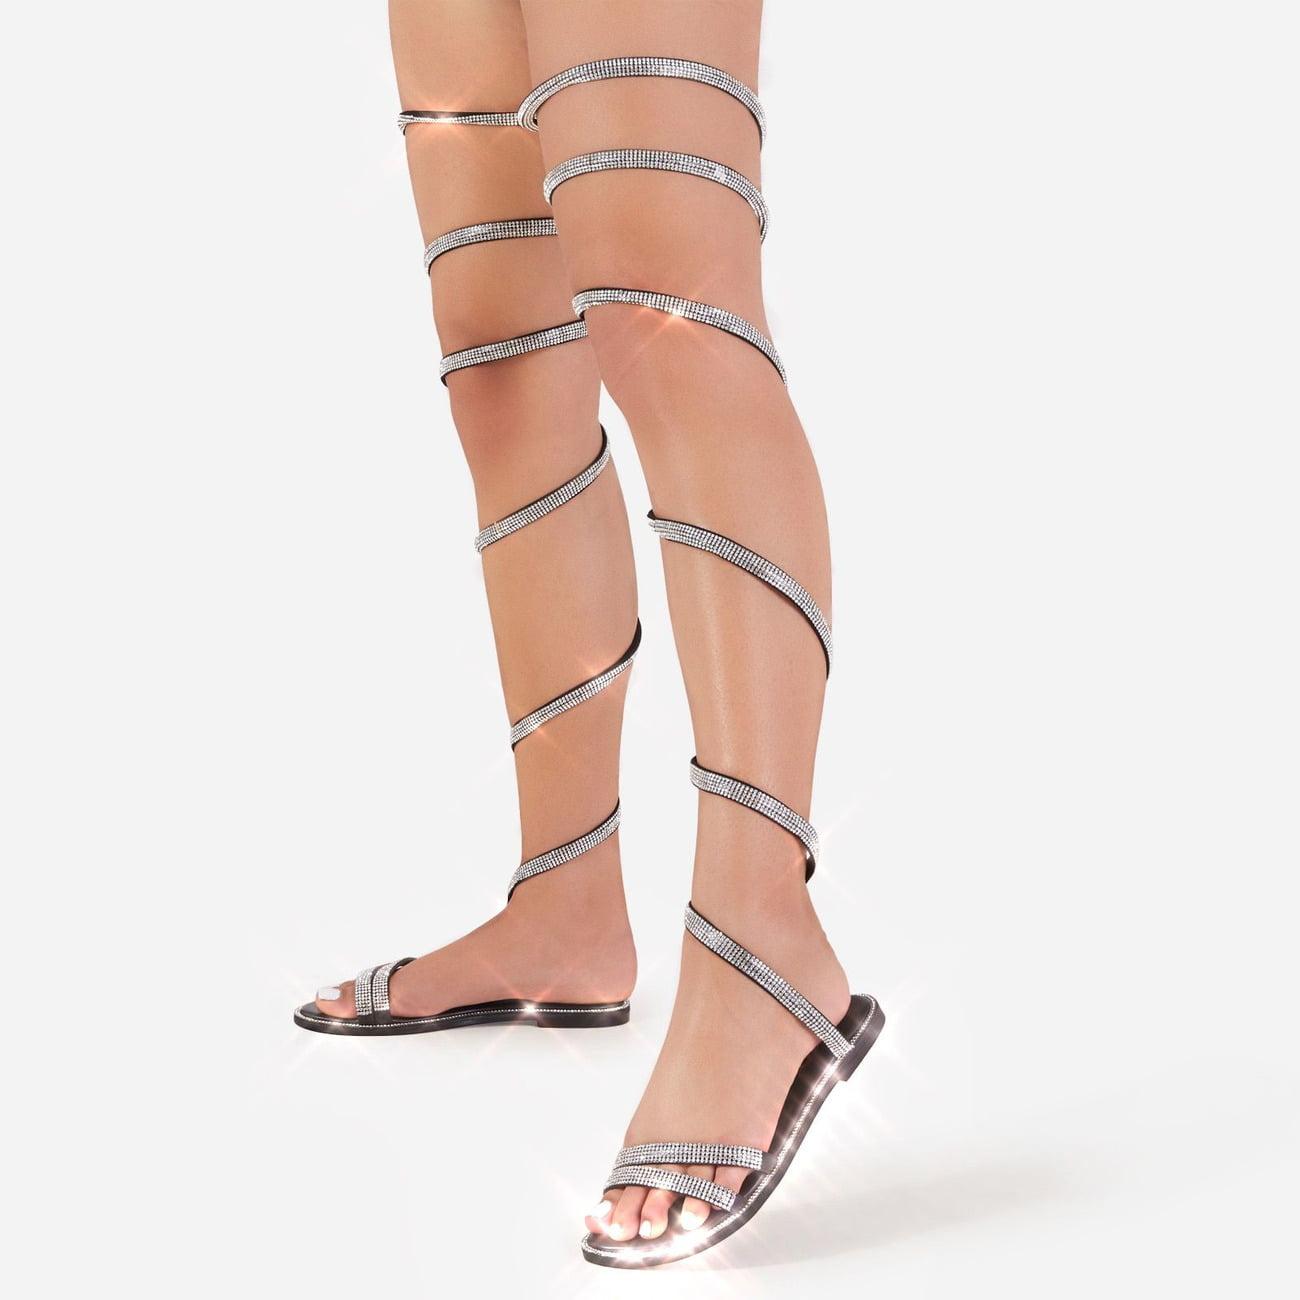 Cute Peach Heels - Vegan Suede Heels - Ankle Strap Heels